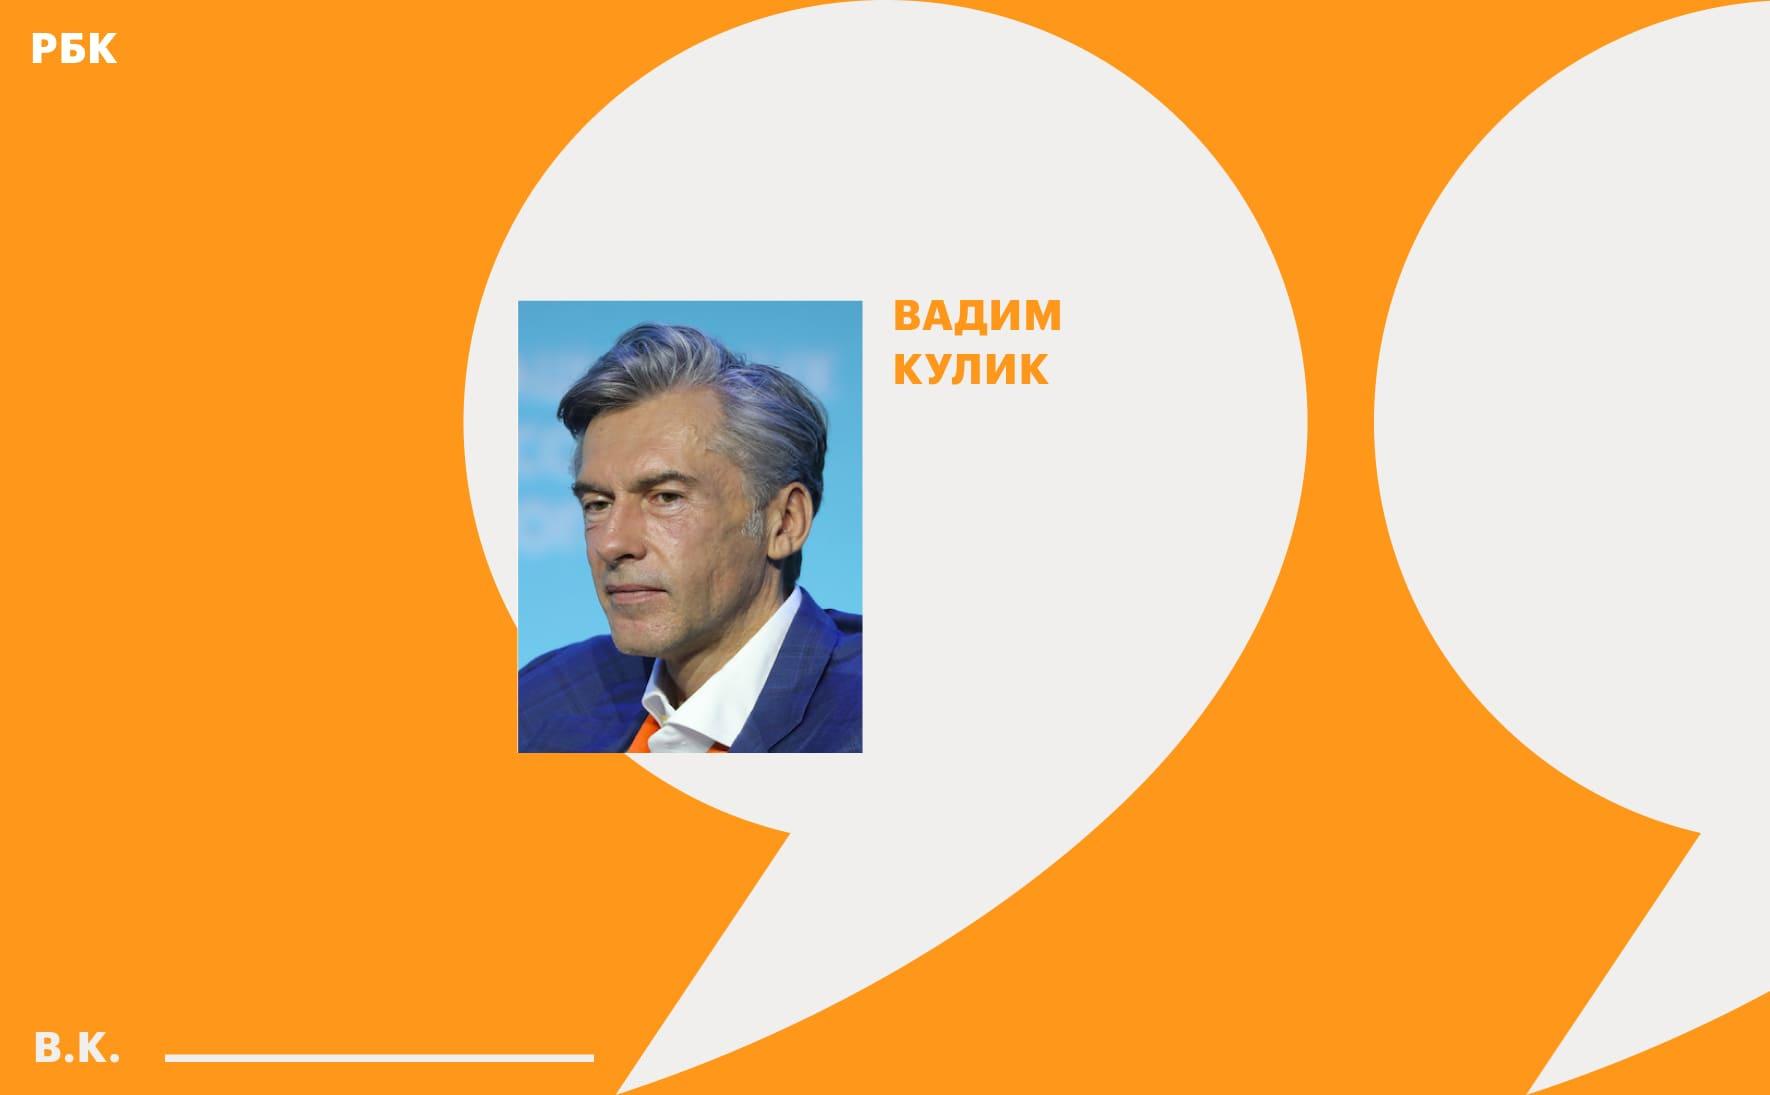 Фото: Вячеслав Викторов / Росконгресс